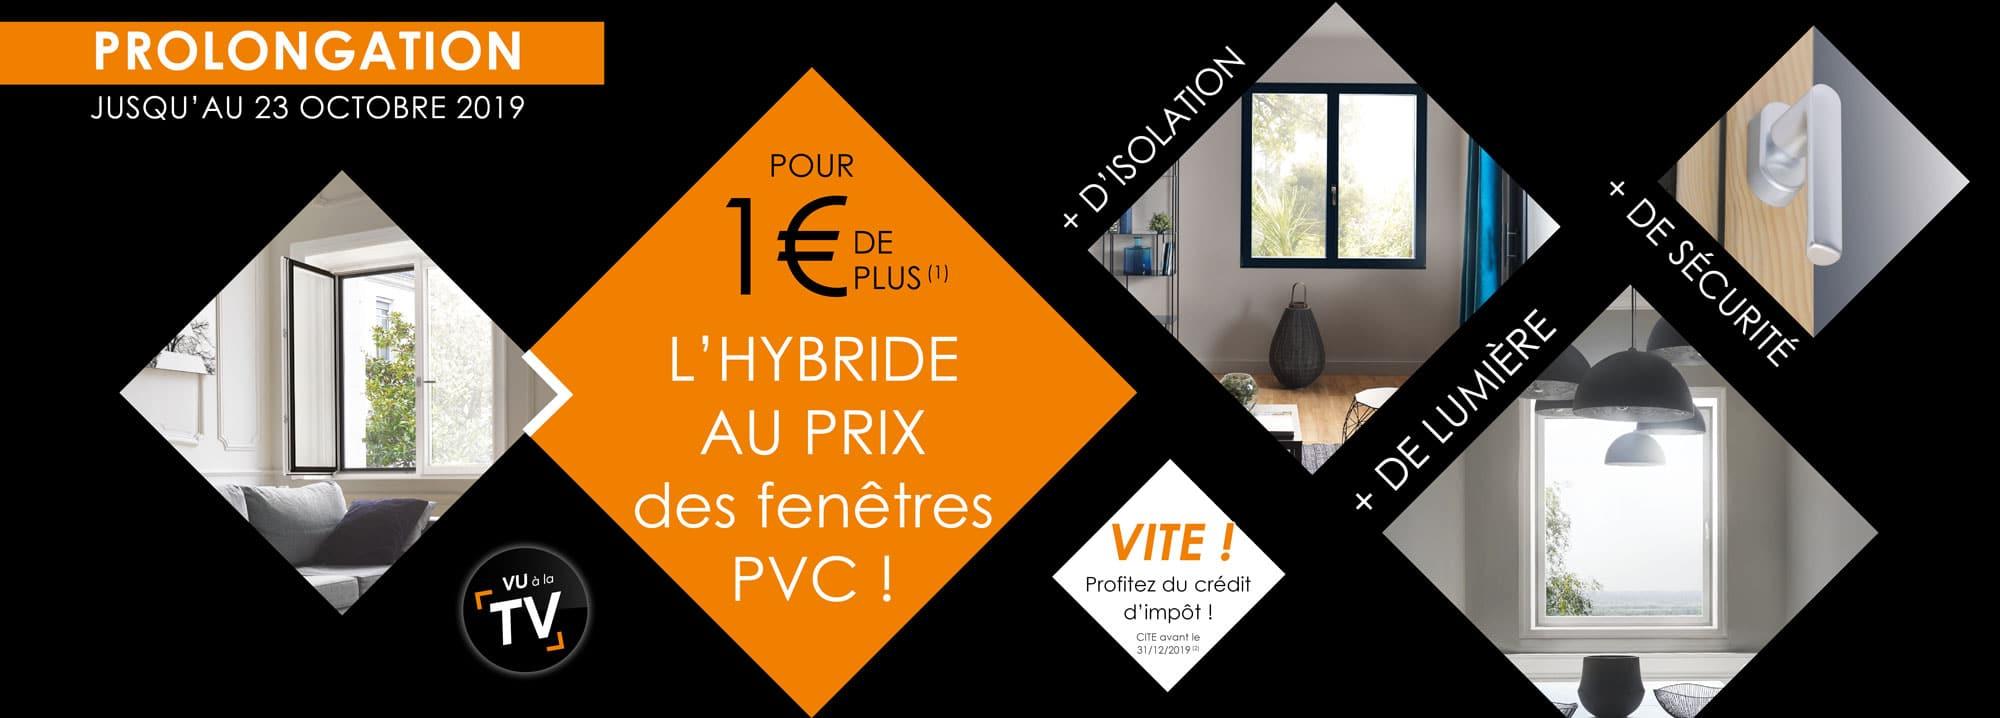 prolongation-ope-fenetres-hybrides-solabaie-octobre-2019-accueil